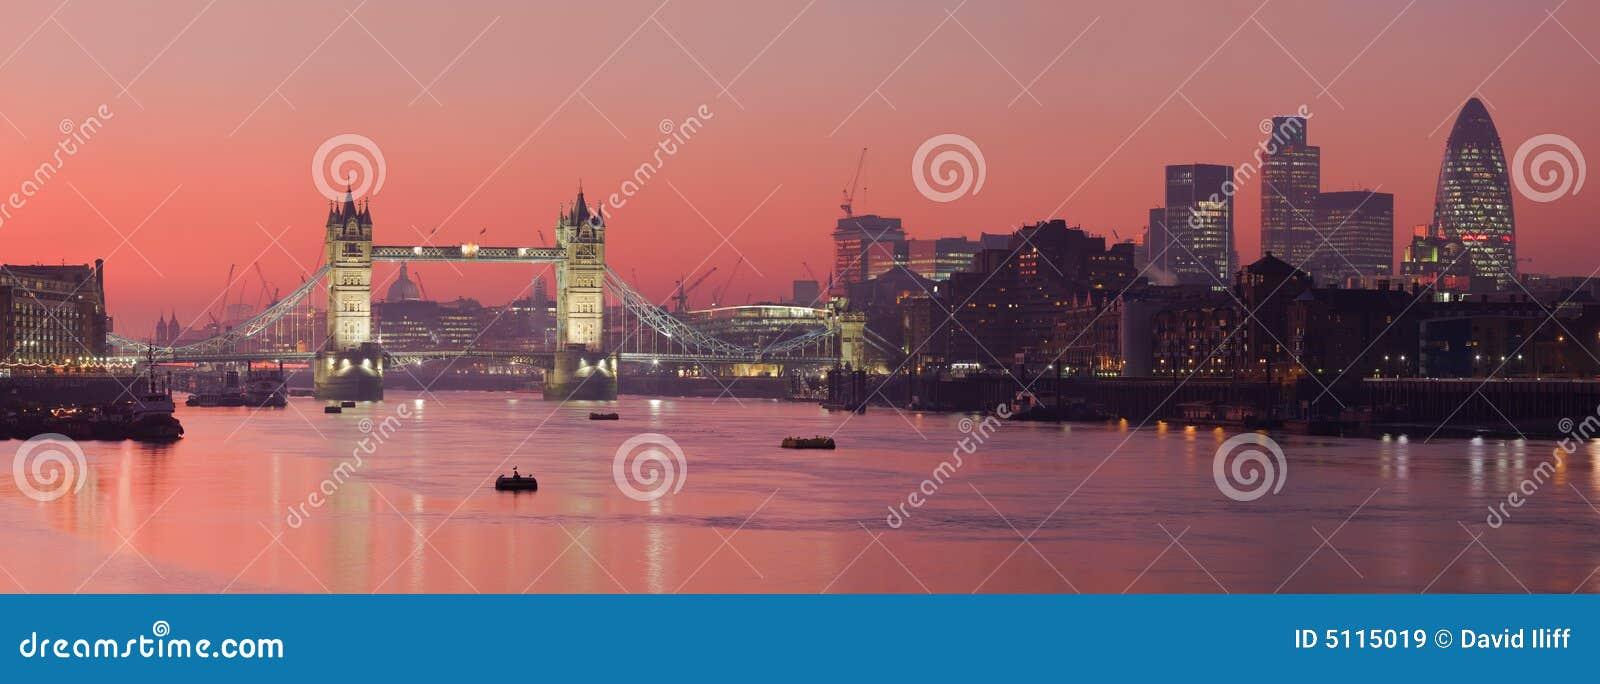 Kontrollturm-Brücke und Stadt von London mit tiefroten Sonnen